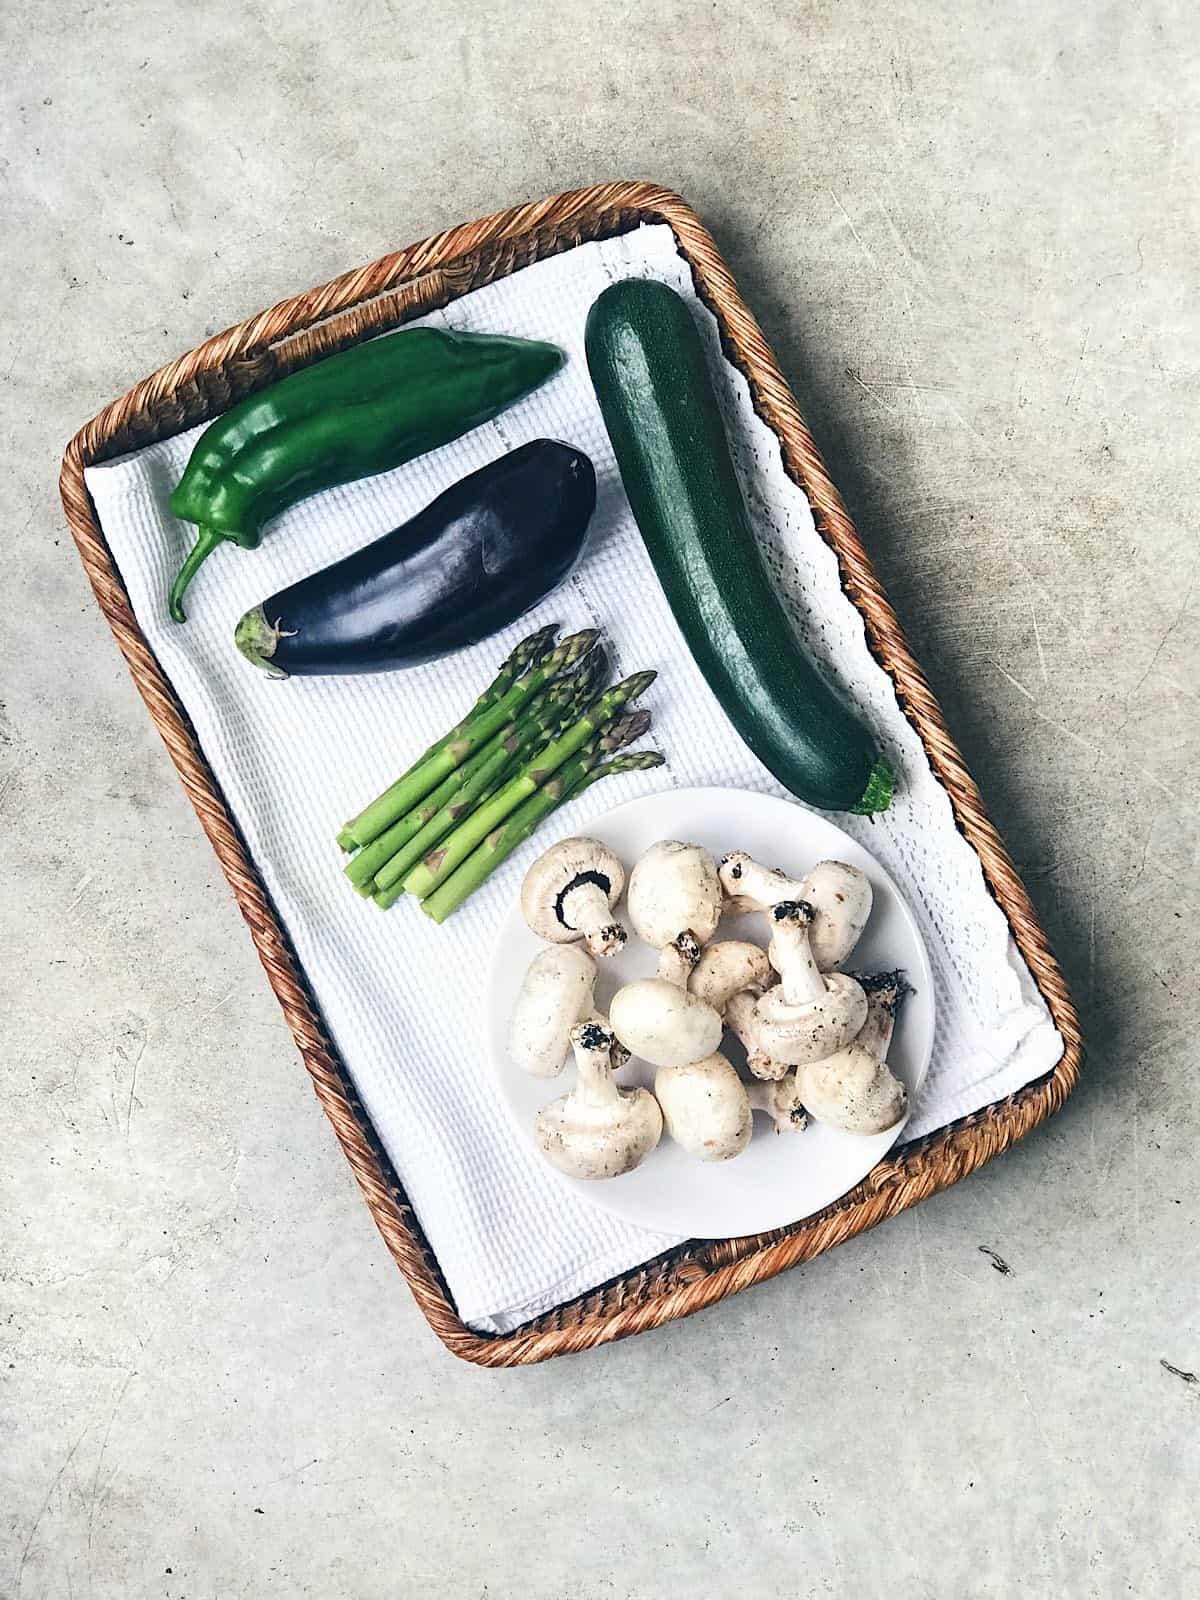 ingredientes de verduras a la plancha